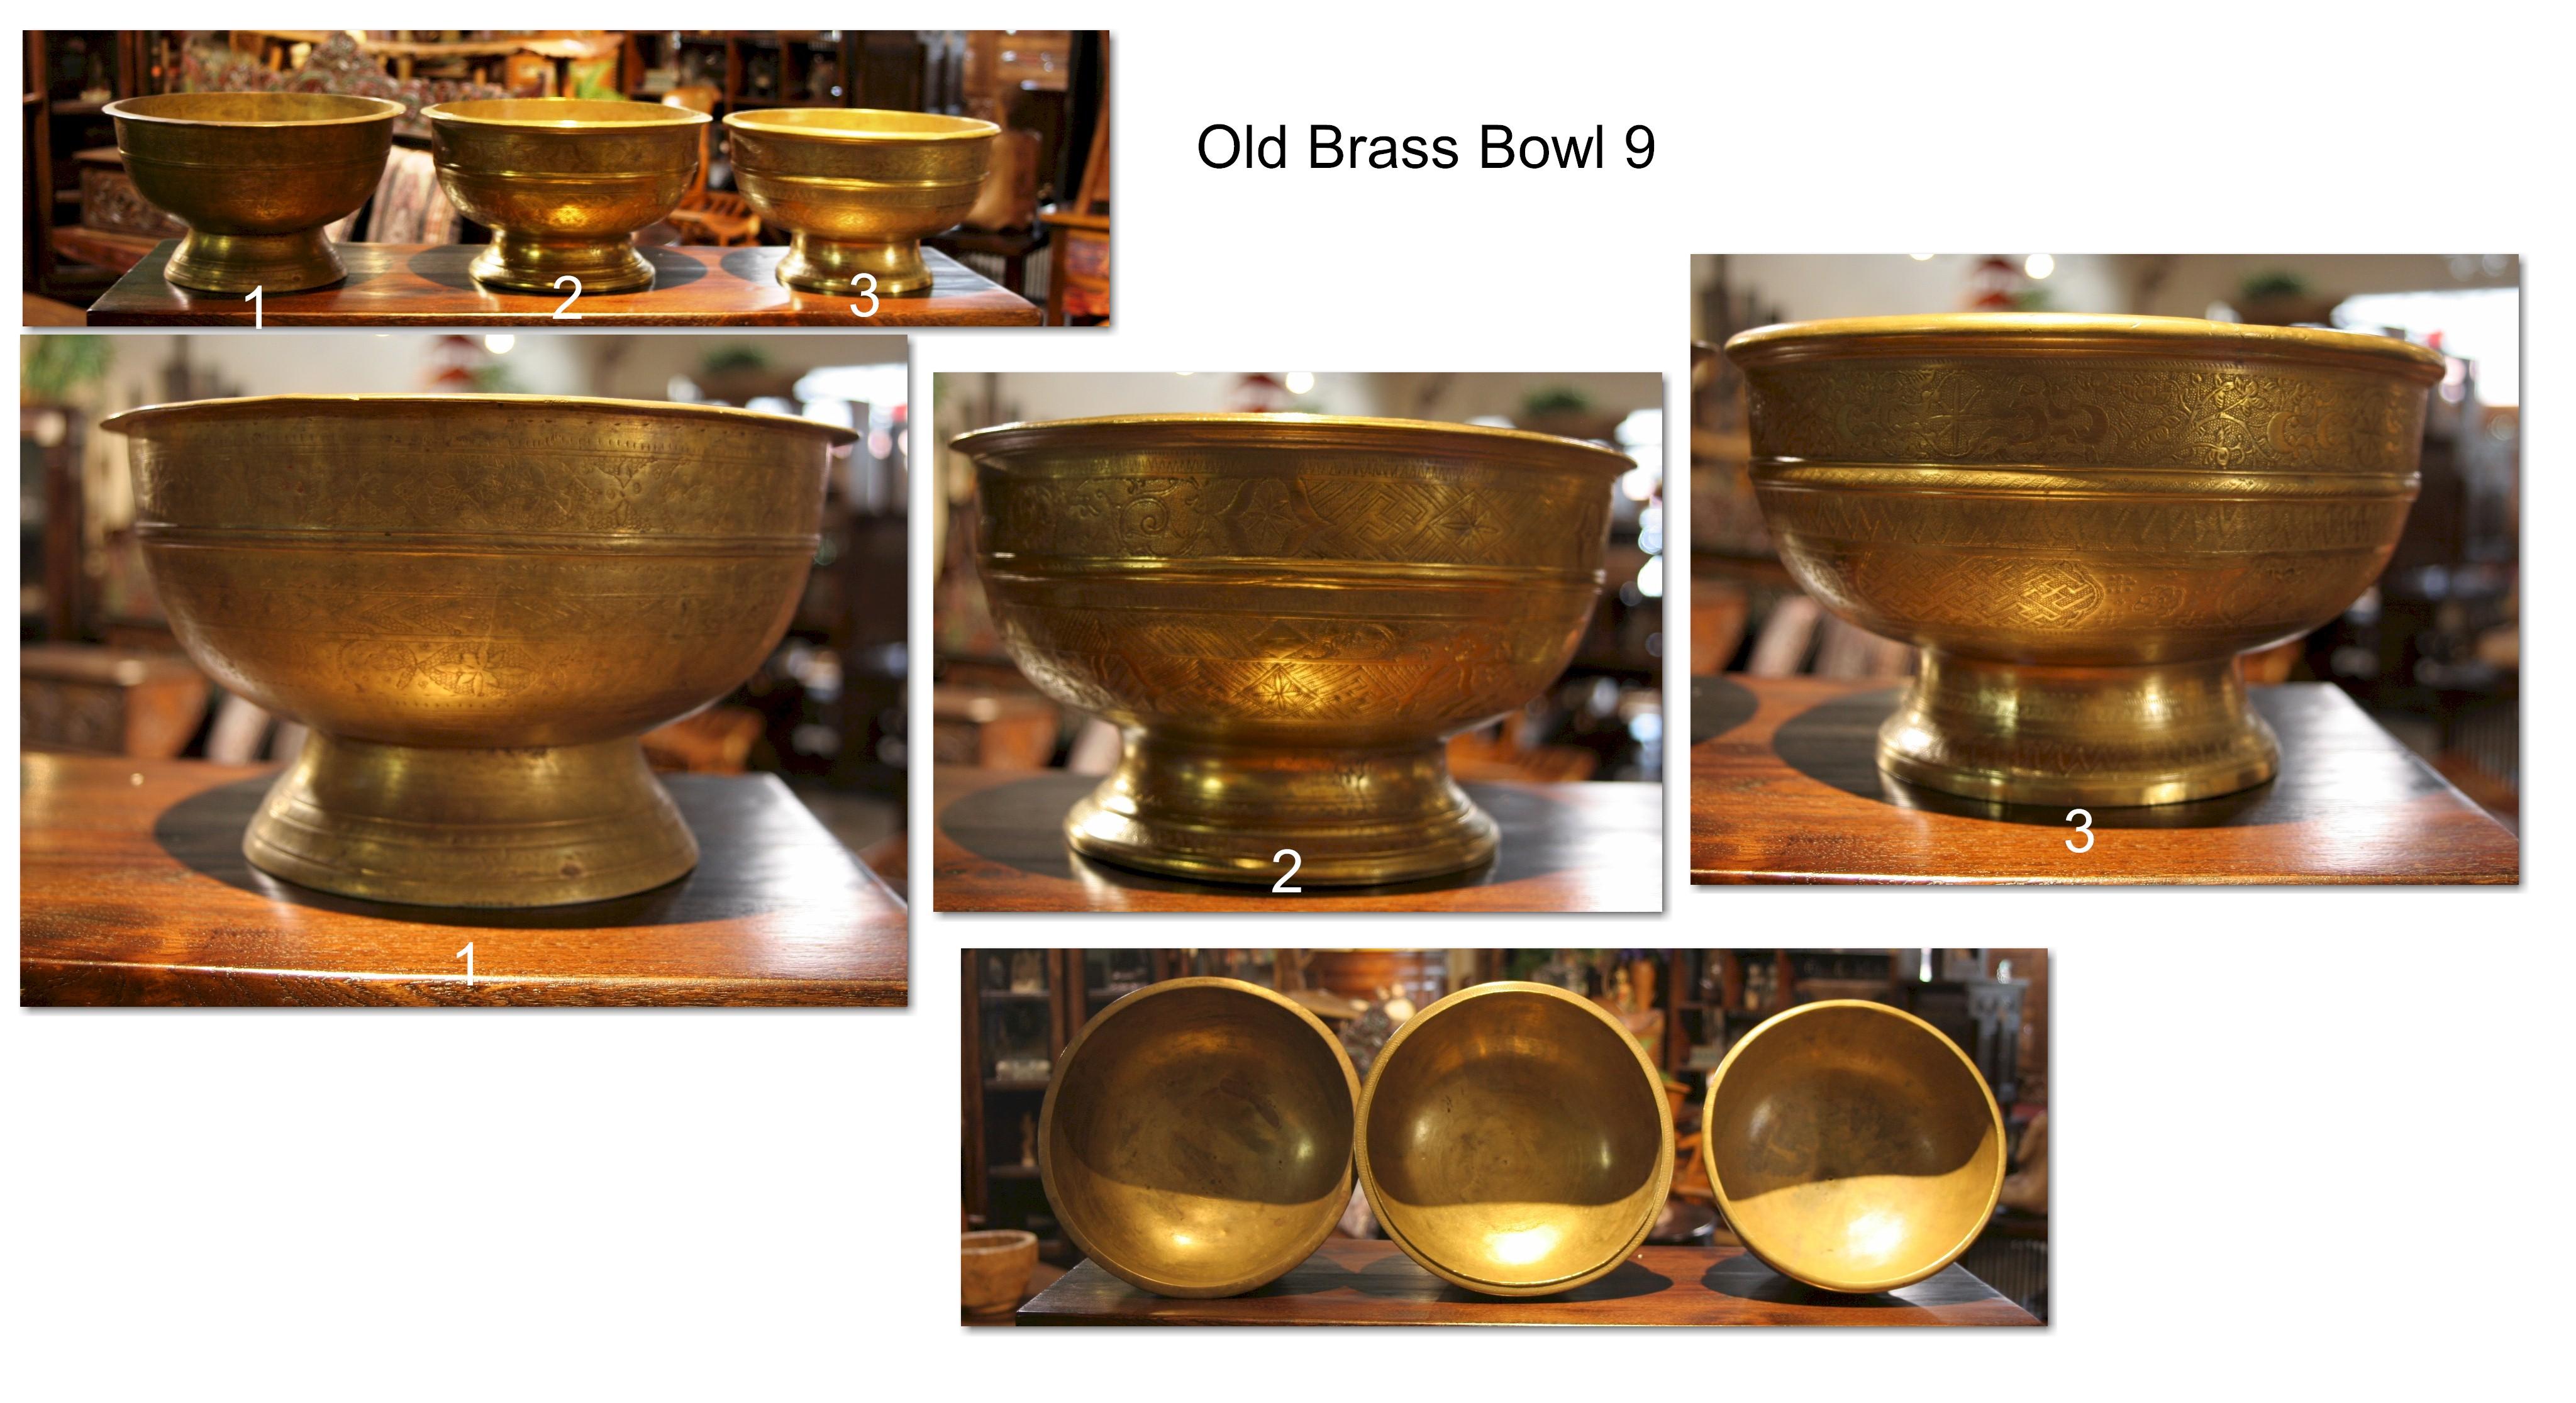 Old Brass Bowl 9